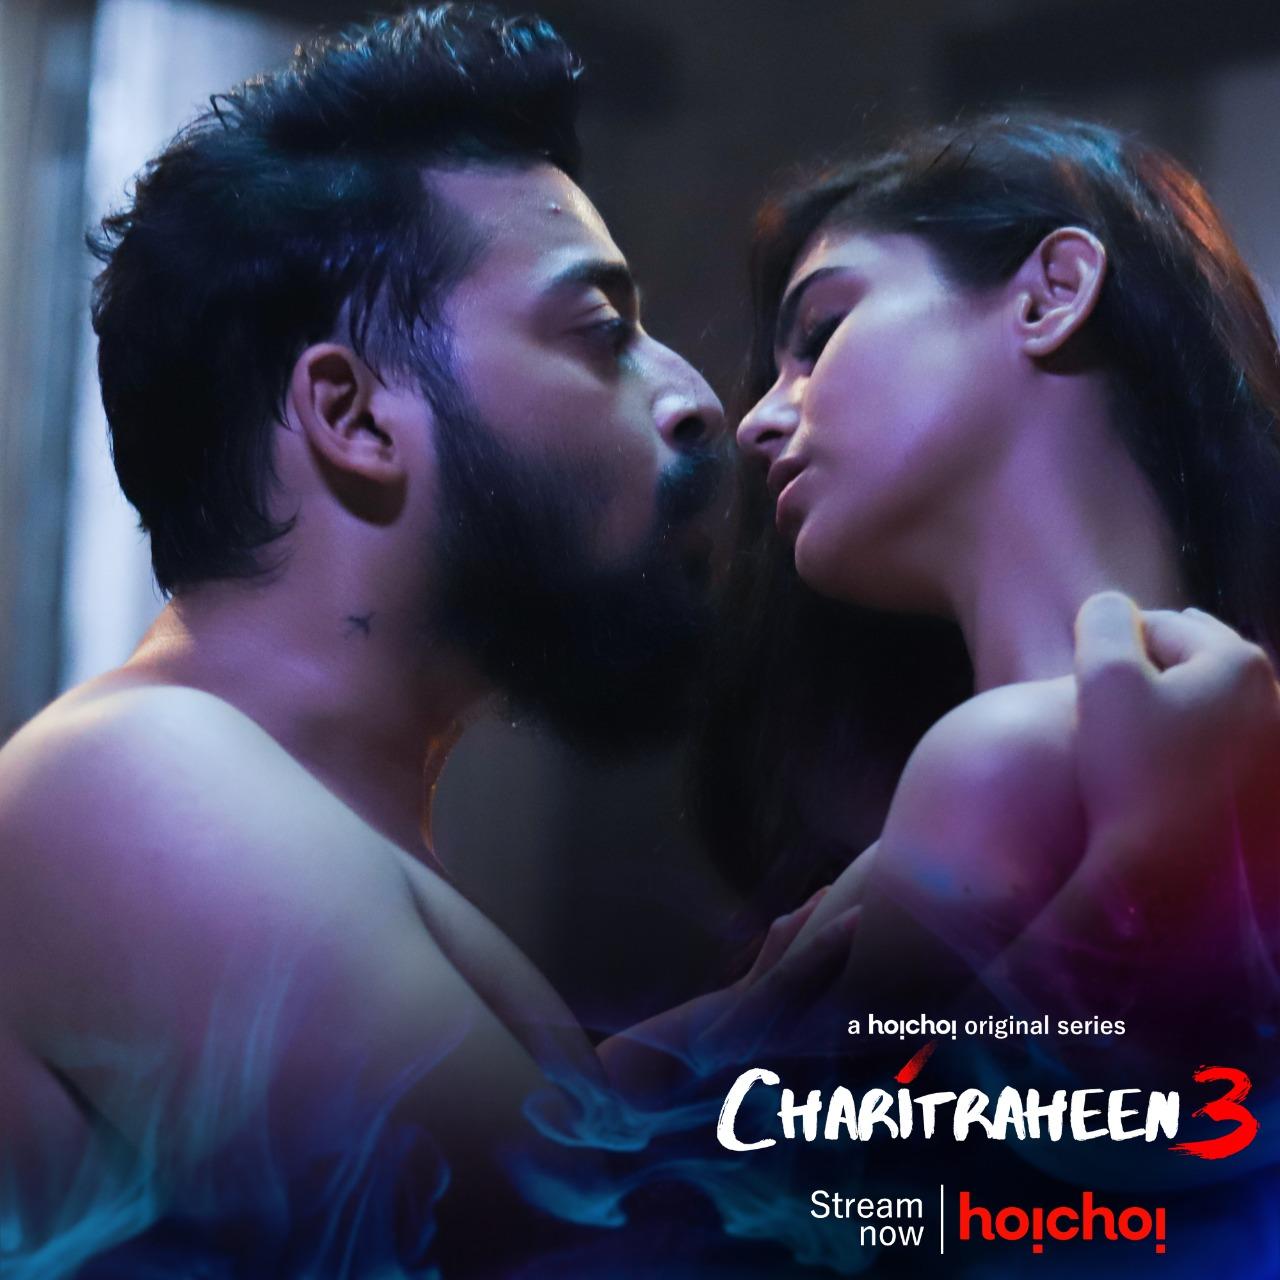 Charitraheen 3 Episode